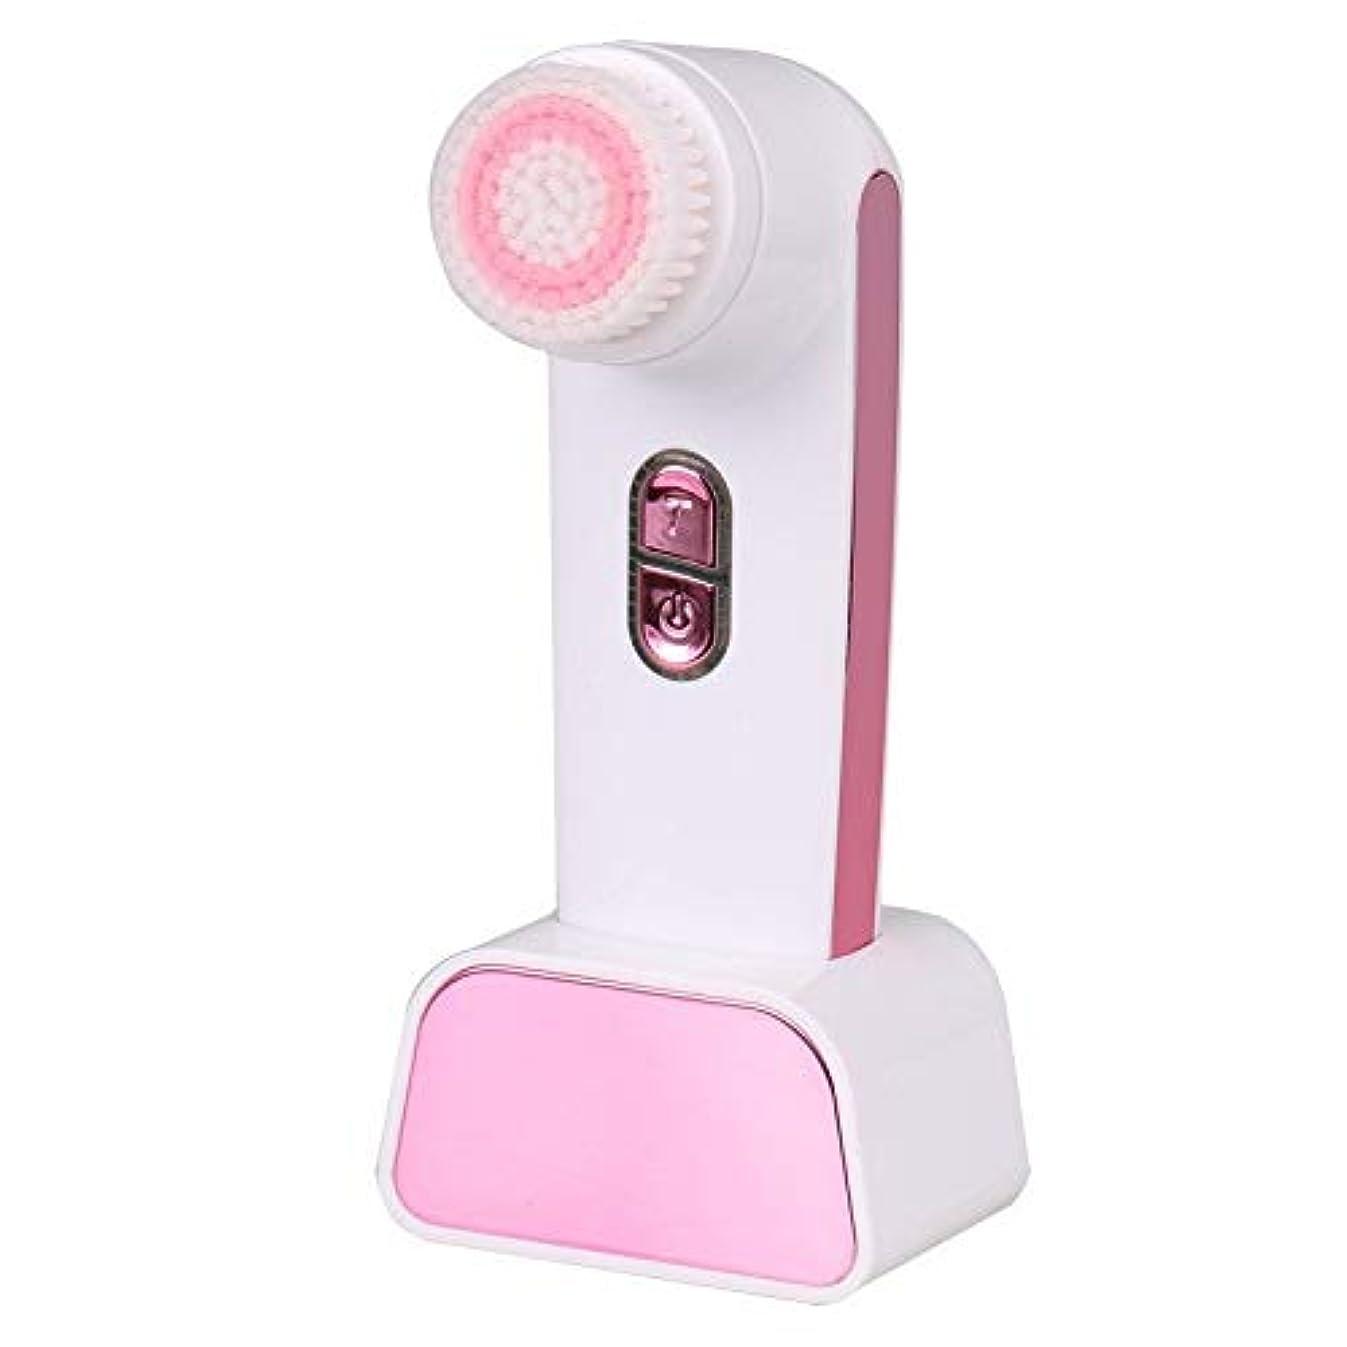 葉巻ルビー懇願するソニックバイブレーションフェイシャルクレンジングブラシ、ディープフェイシャルクレンジングブラシ電動ビューティーマッサージャー穏やかな角質除去クリア化粧品残留物 (Color : Pink)